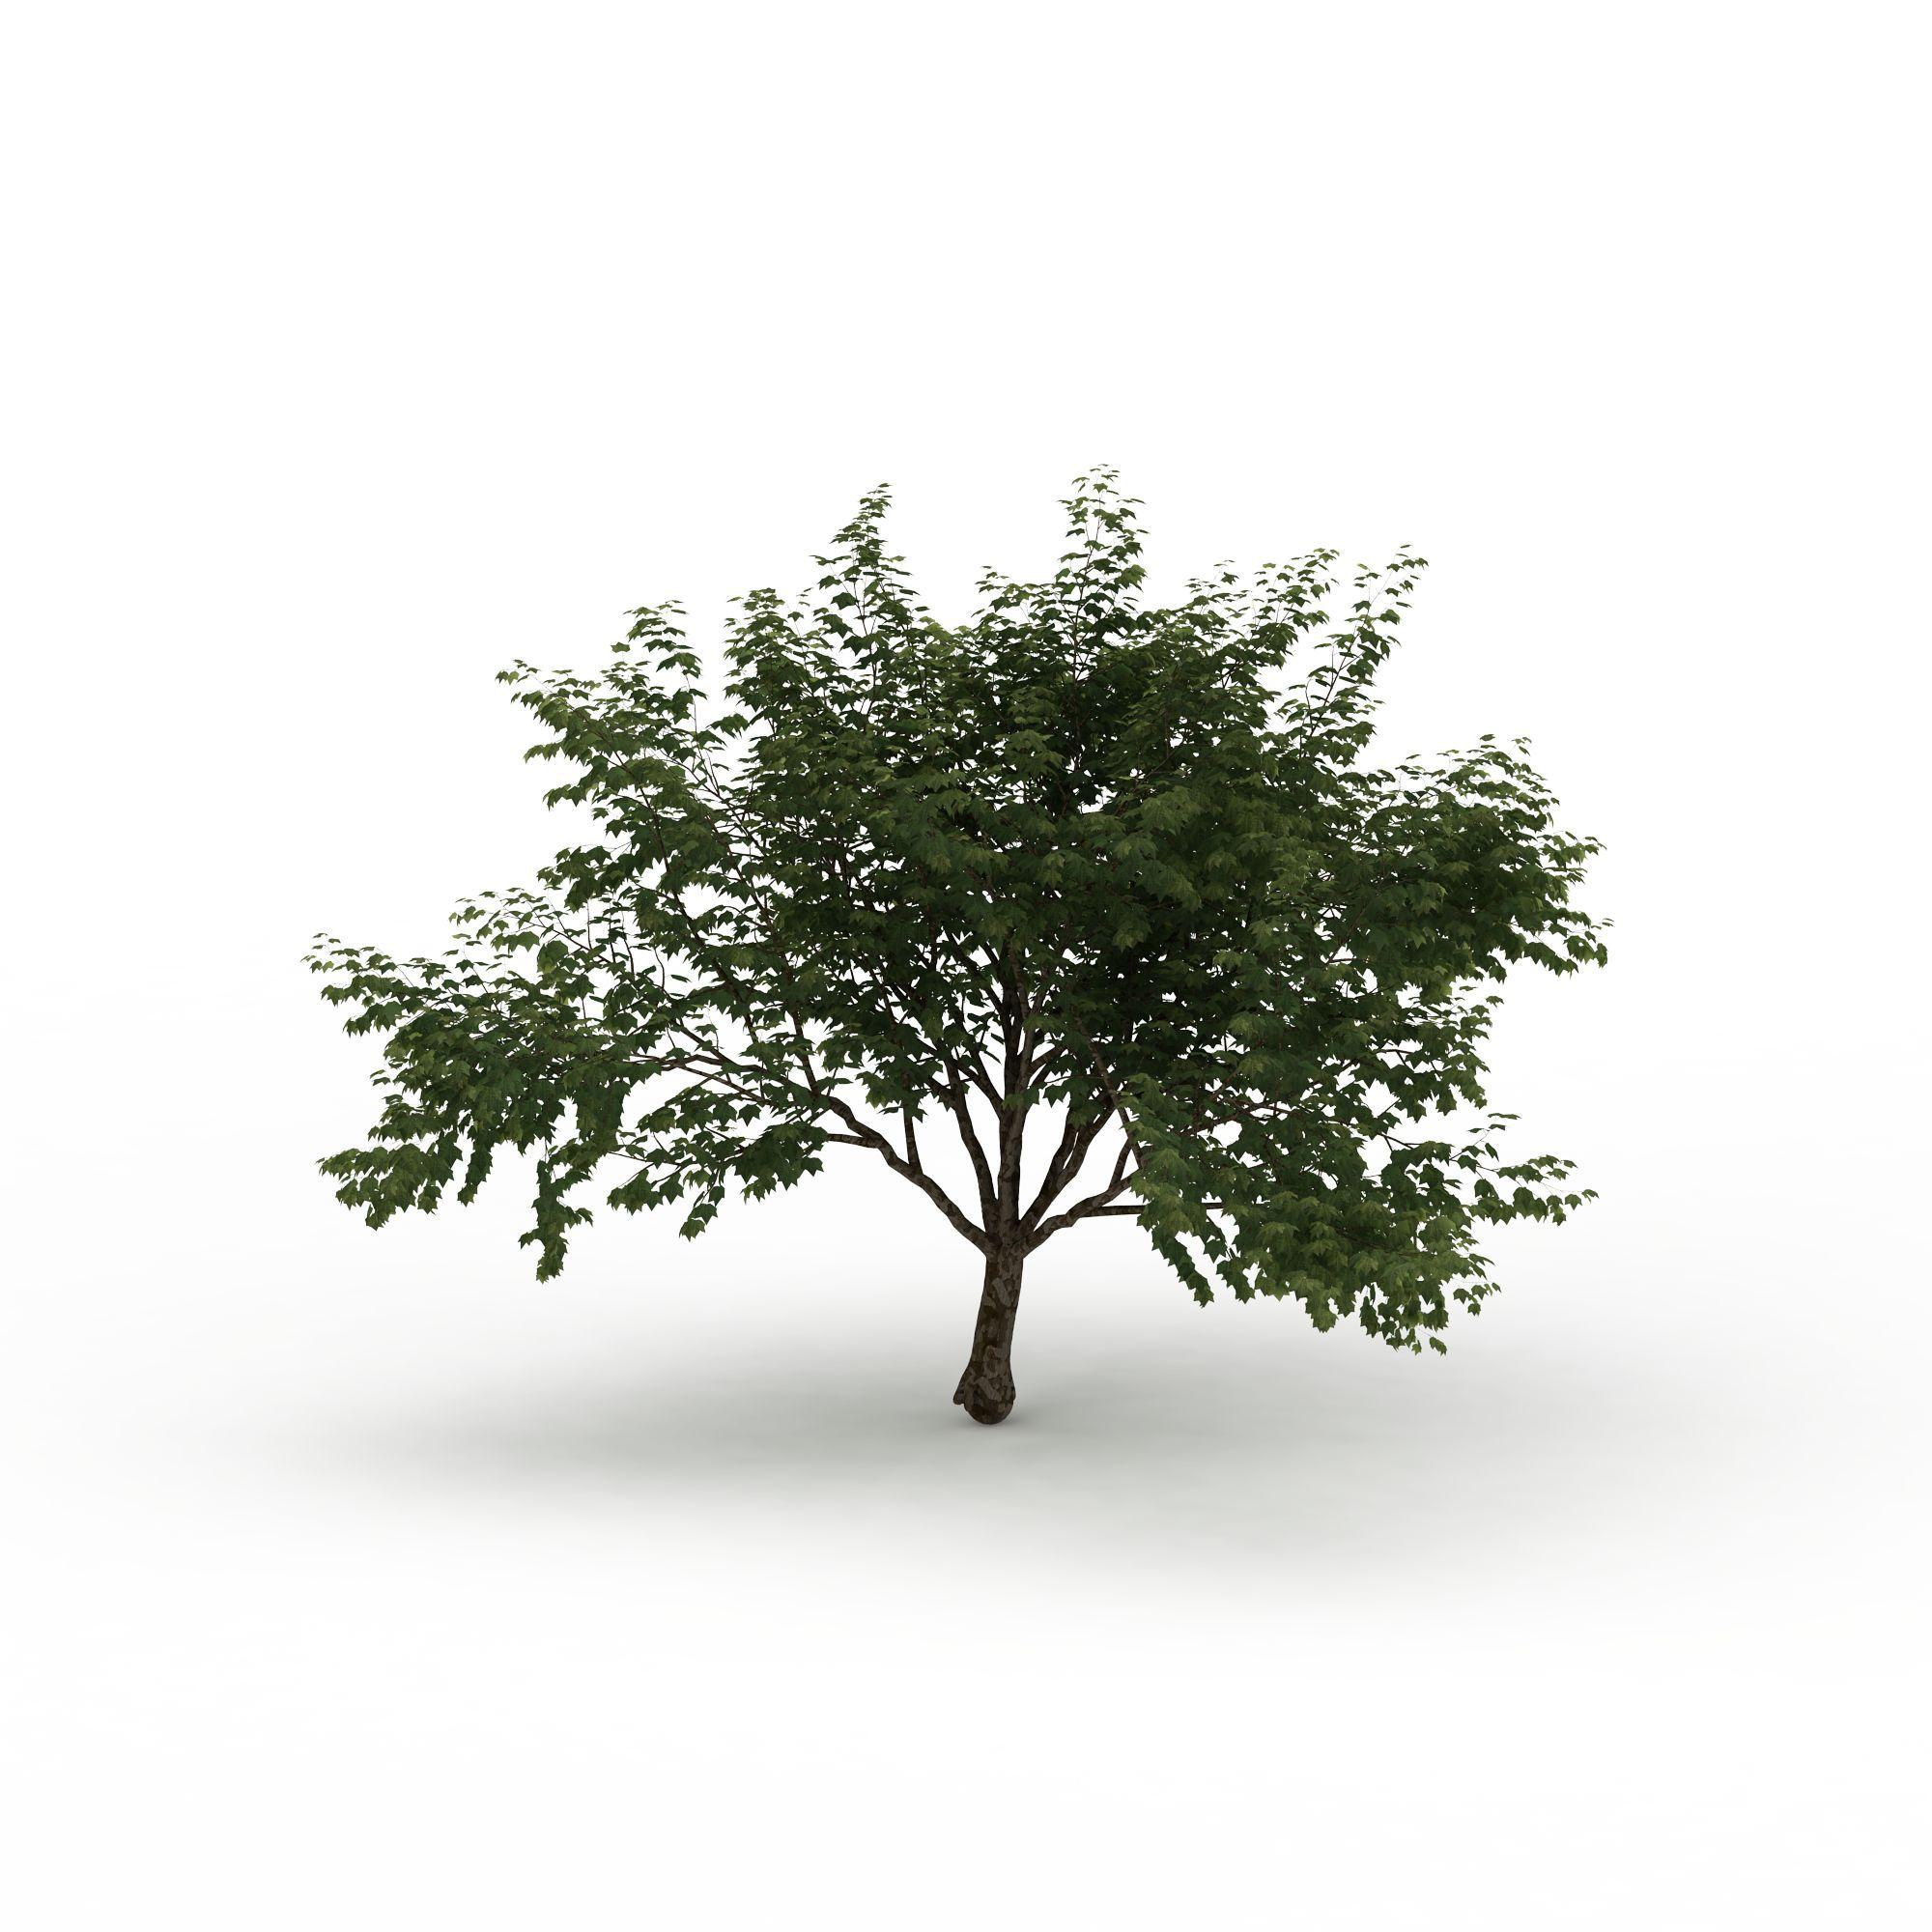 公园落叶树高清图详情 设计师 3d学院 模型名称 公园落叶树3d模型图片